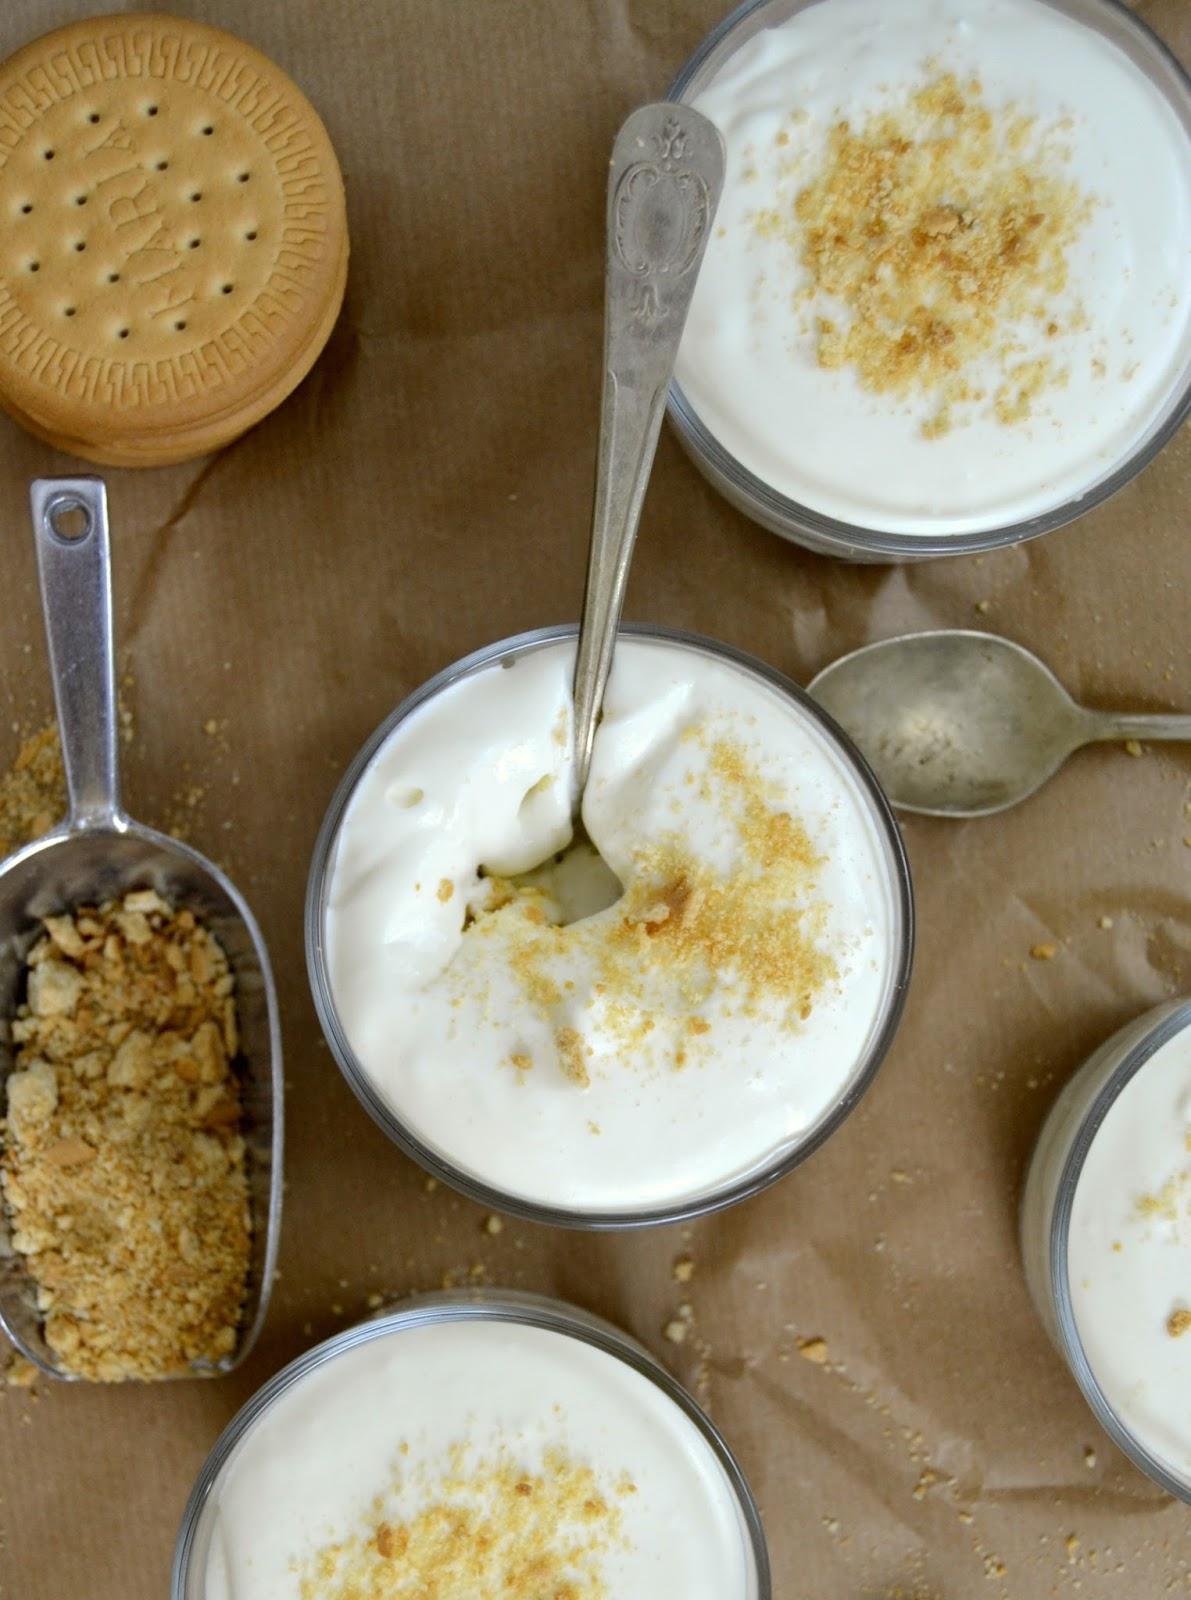 Serradura portuguesa Mousse de leche condensada